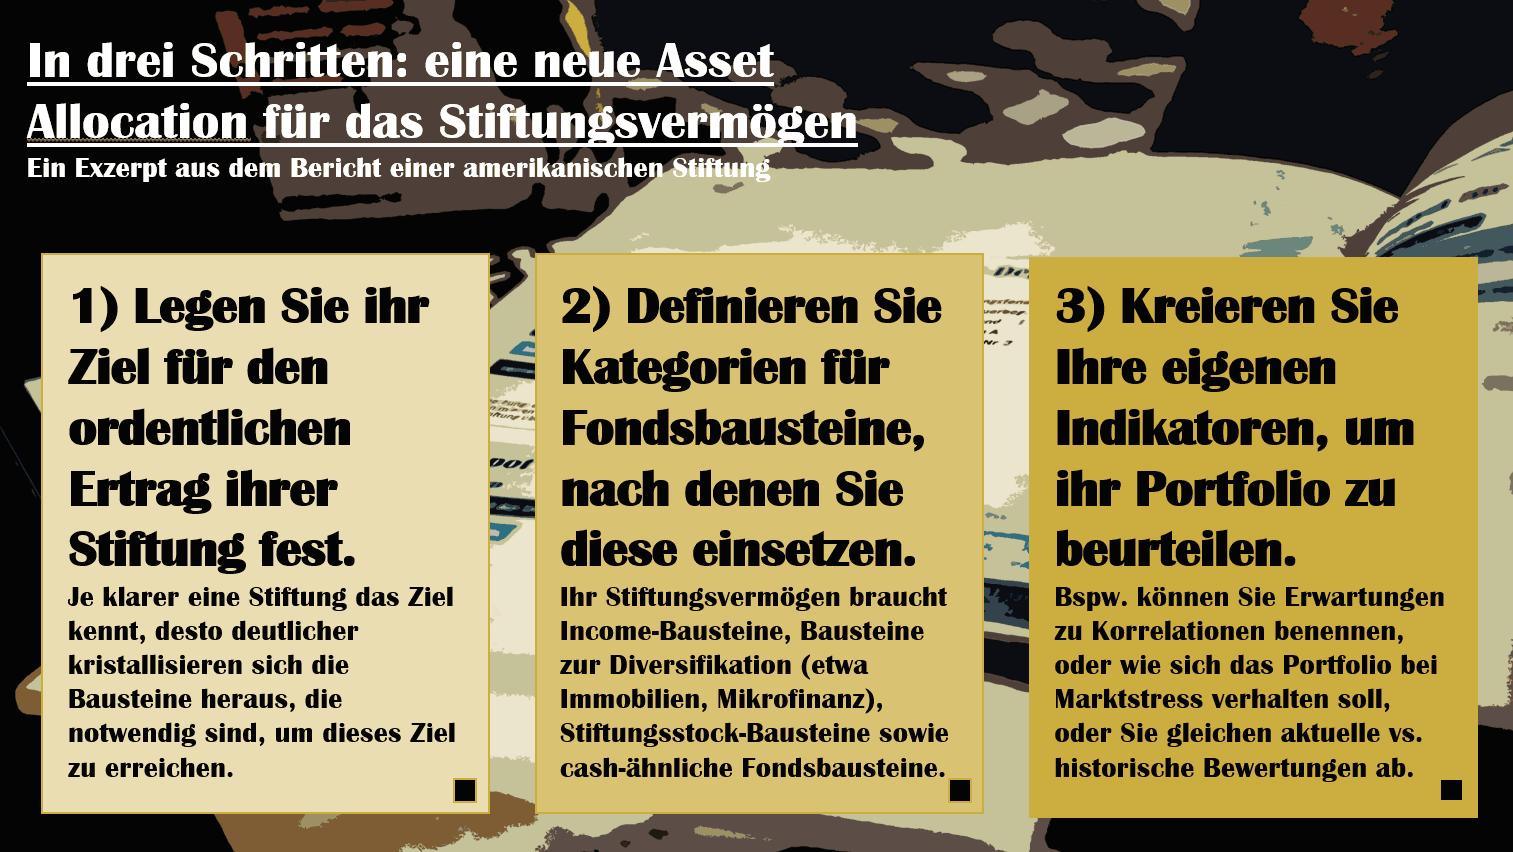 Asset Allocation für das Stiftungsvermögen